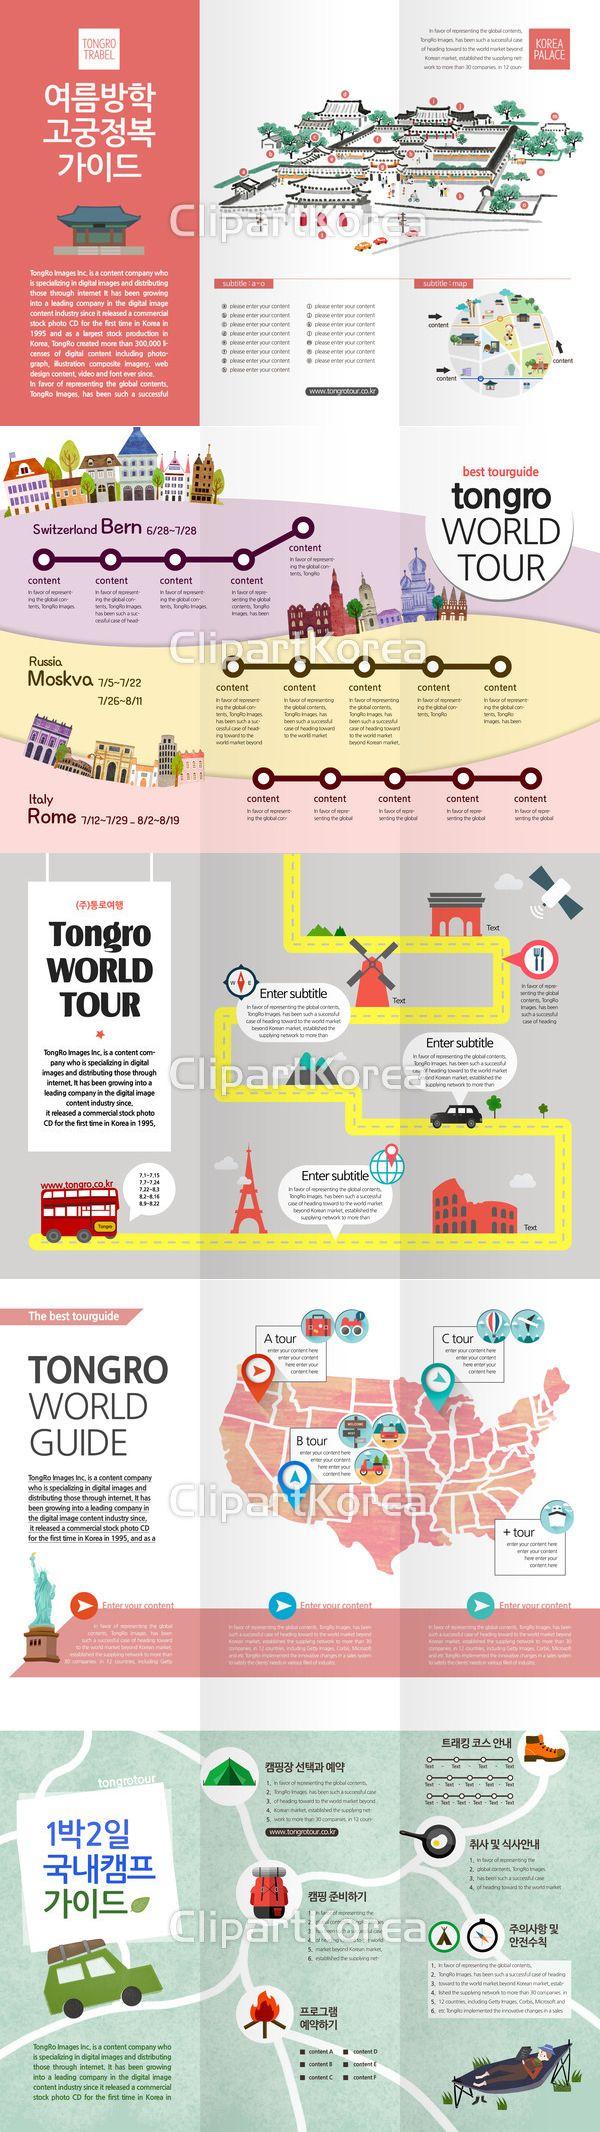 가이드북 명소 미국 분홍색 브로슈어 아이콘 여행 위치 일러스트 지도 출판 팸플릿 합성이미지 해외 홍보 휴가 에펠탑 유럽 버스 자동차 콜로세움…